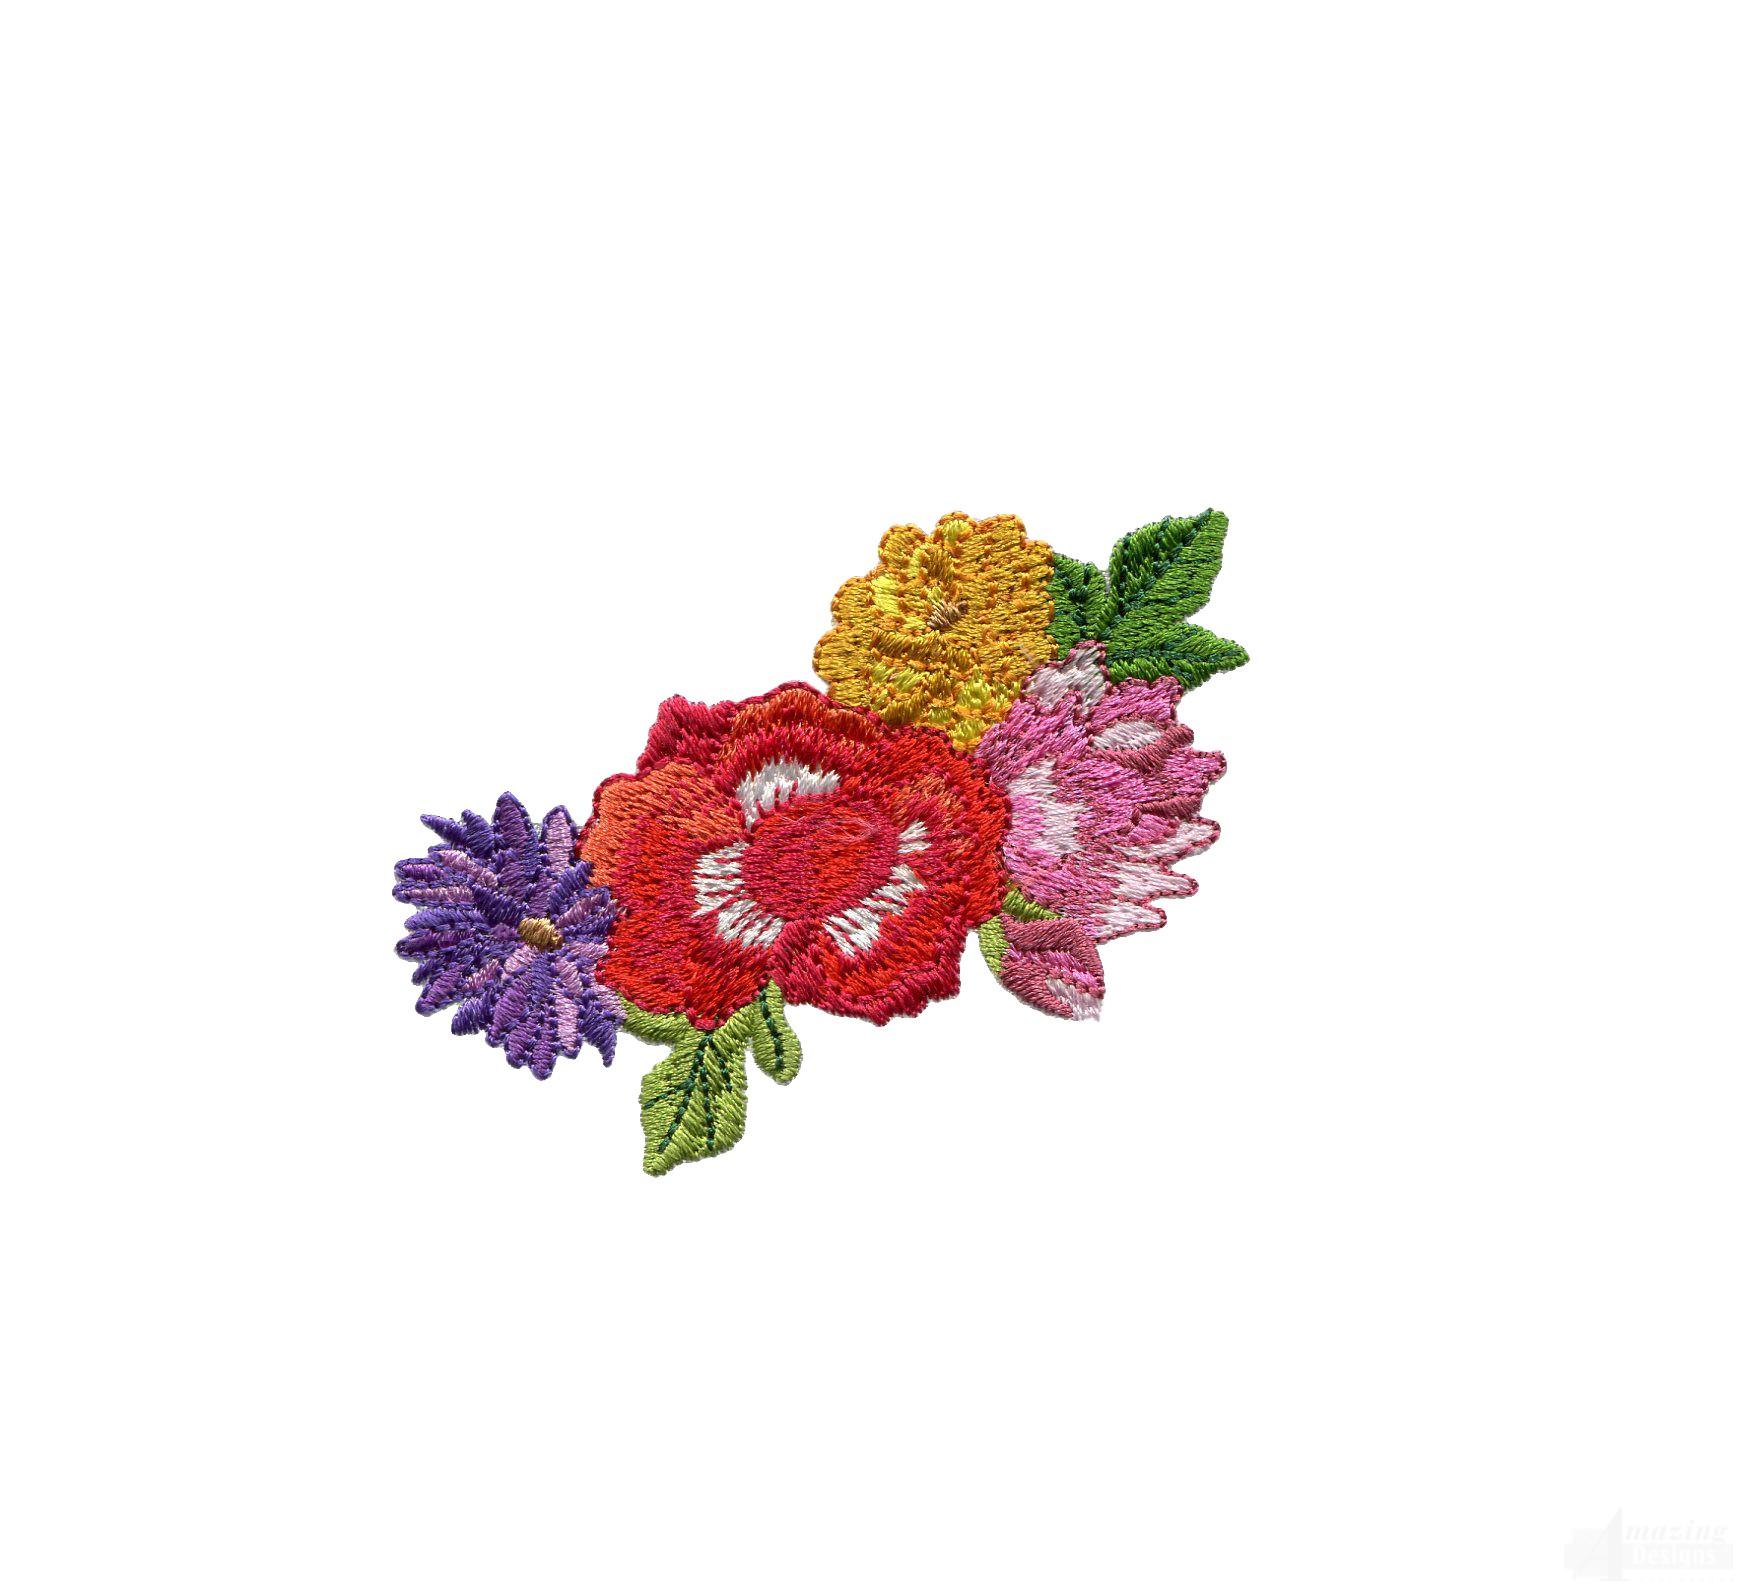 Swngg132 a geishas garden embroidery design for Garden embroidery designs